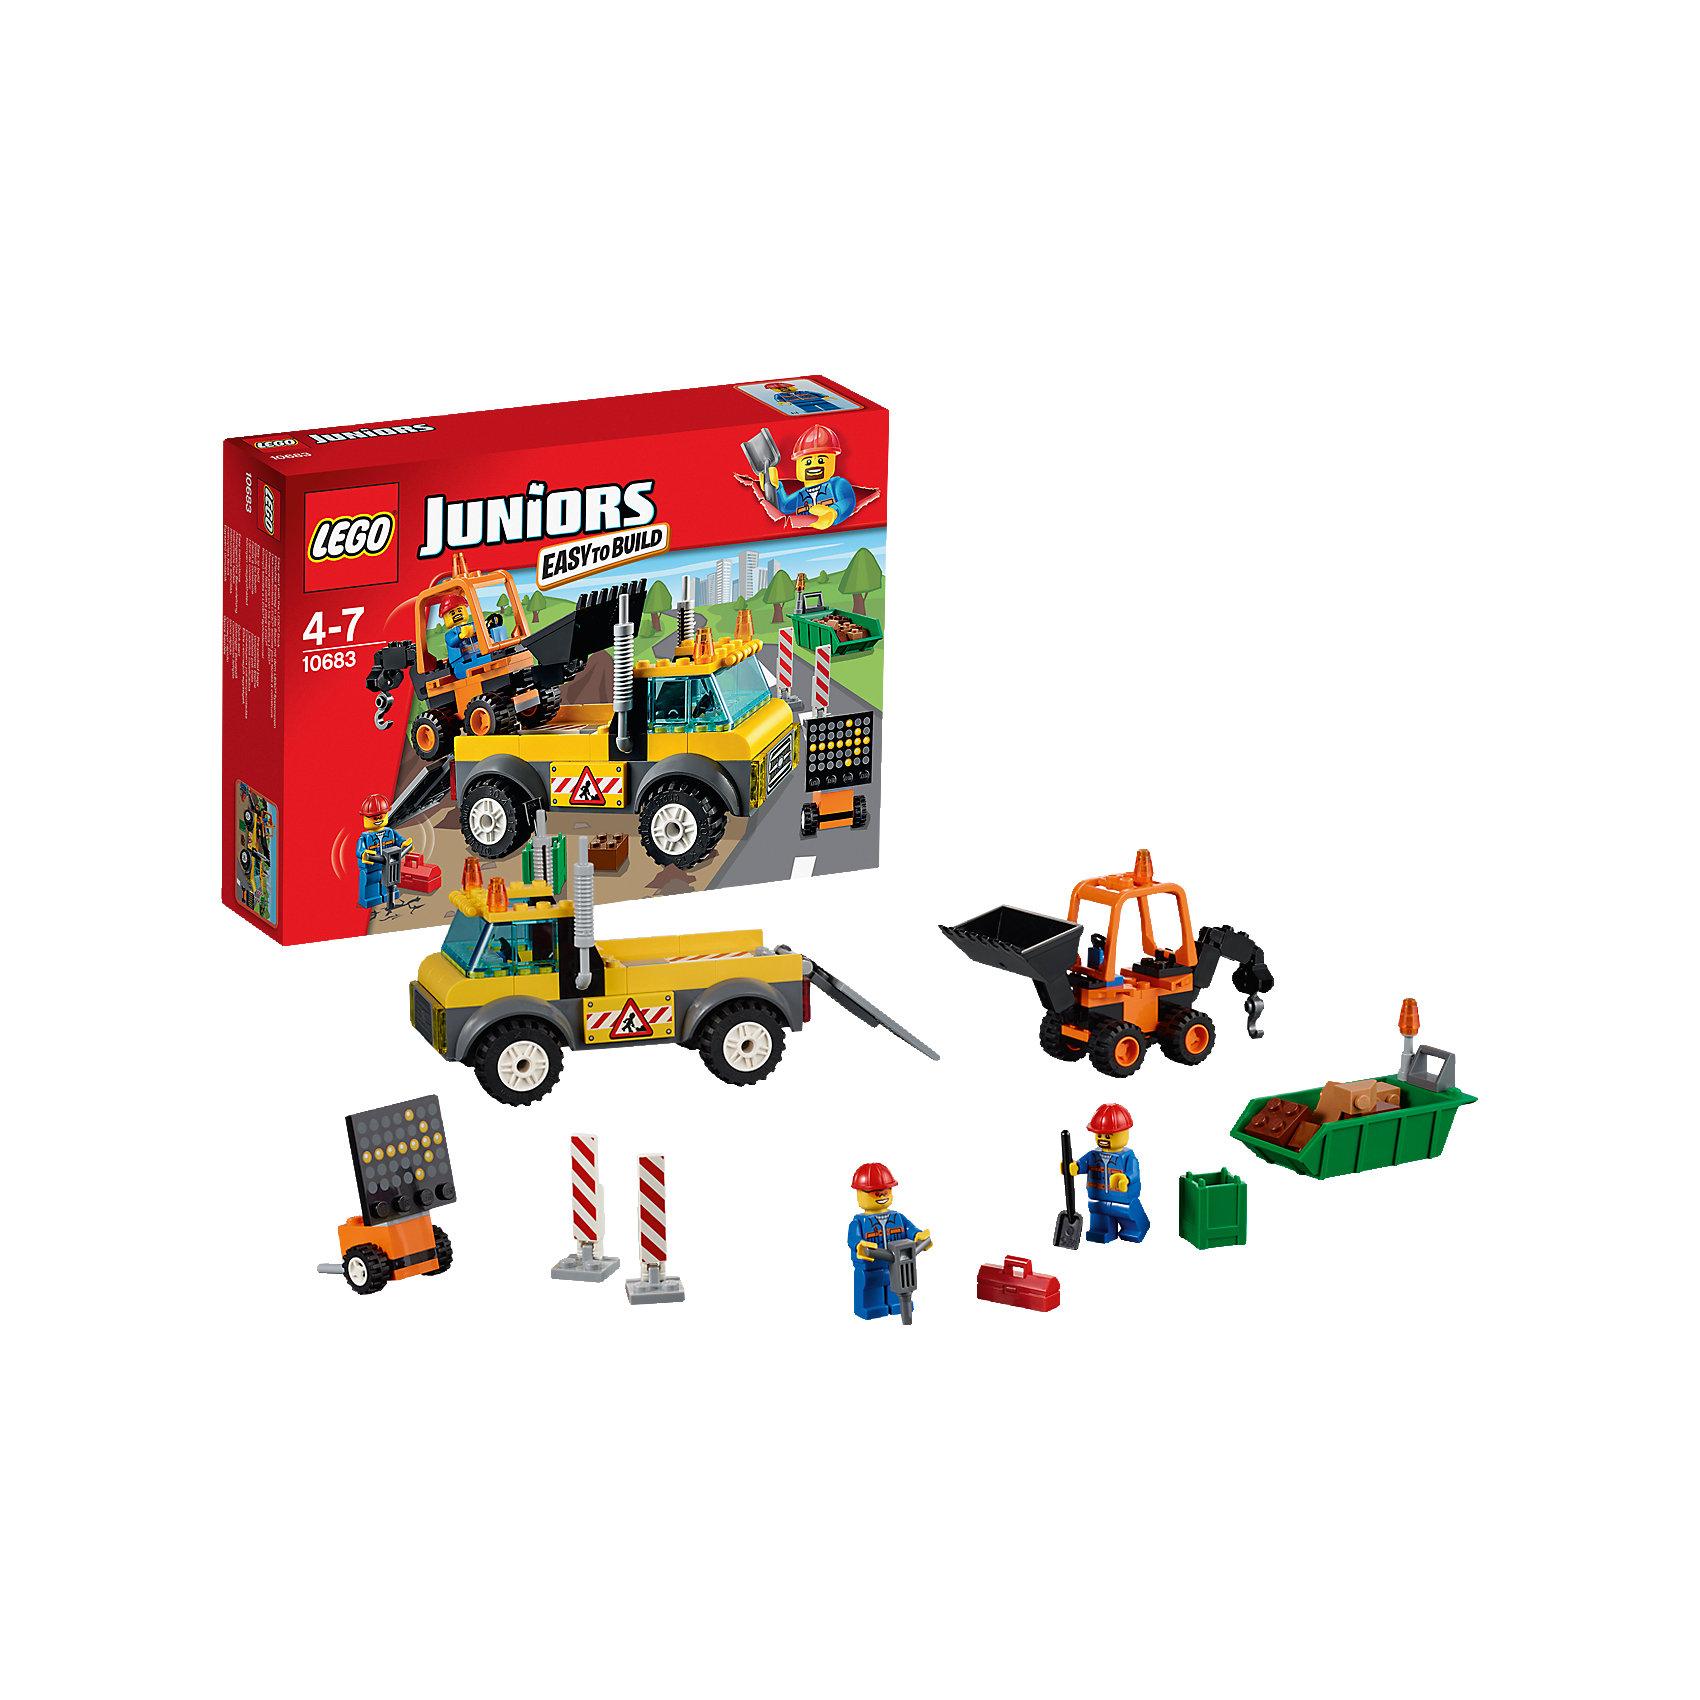 LEGO Juniors 10683: Ремонт дорогиКонструктор LEGO Juniors (ЛЕГО Джуниорс) 10683: Ремонт дороги - мечта мальчишек, обожающих крупную дорожную технику. Дети всегда внимательно наблюдают, как сильные машины поднимают огромные камни, ремонтируя дорогу. Теперь Ваш малыш может не только наблюдать, но и организовать дорожные работы прямо у себя дома. Масштабный набор содержит погрузчик, оснащенный сигнальными огнями, который привозит к месту ремонта маневренный экскаватор. В это время рабочие уже организовали объезд, расставив дорожные знаки и указатели. Они буром рассекают старое дорожное полотно. Большие куски асфальта экскаватор складывает в контейнер, а маленькие рабочий убирает с помощью лопаты. Теперь осталось загрузить контейнер в погрузчик и работа сделана! Ребенок сможет придумать множество увлекательных сюжетов с деталями набора LEGO Juniors (ЛЕГО Джуниорс) 10683: Ремонт дороги. Подключайте фантазию и Вам никогда не будет скучно в компании LEGO (ЛЕГО)!<br><br>Конструкторы LEGO Juniors (ЛЕГО Джуниорс) - специально разработаны для детей от 4 до 7 лет. Размер кубиков и деталей соответствует обычным размерам. При этом наборы очень просты в сборке. Понятные инструкции позволяют детям быстро получить результат и приступить к игре. Конструкторы этой серии прекрасно детализированы, яркие, прочные, имеют множество различных сюжетов - идеально подходят для реалистичных и познавательных игр.<br><br>Дополнительная информация:<br><br>- Игра с конструктором  LEGO (ЛЕГО) развивает мелкую моторику ребенка, фантазию и воображение, учит его усидчивости и внимательности;<br>- В комплекте: 2 минифигурки дорожных рабочих, бур, ящик для инструментов, дорожные знаки, детали набора; <br>- Количество деталей: 132 шт;<br>- Отлично подойдет для сюжетно-ролевых игр;<br>- Серия: LEGO Juniors (ЛЕГО Джуниорс);<br>- Материал: высококачественный пластик.<br><br>Конструктор LEGO Juniors (ЛЕГО Джуниорс) 10683: Ремонт дороги можно купить в нашем интернет-магазине.<br><br>Ширина мм: 264<br>Глубина м